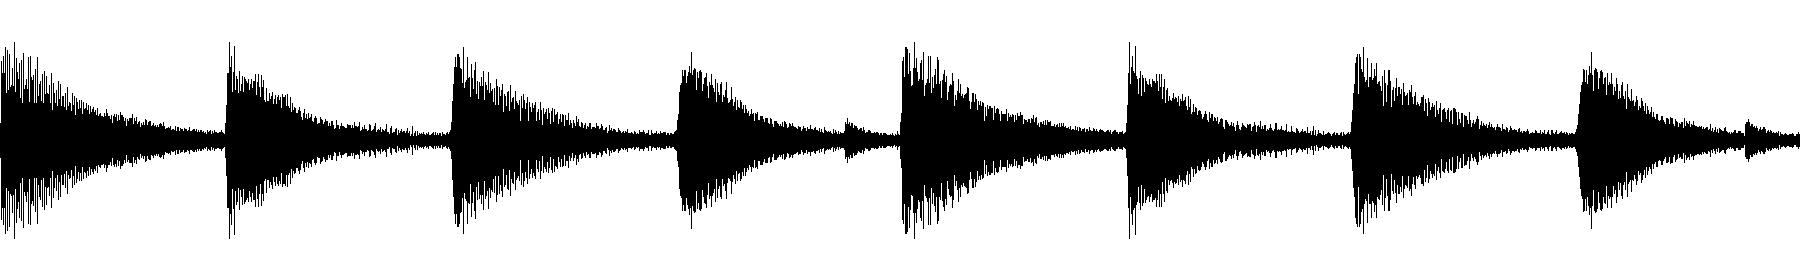 92 f somberpiano sp 01